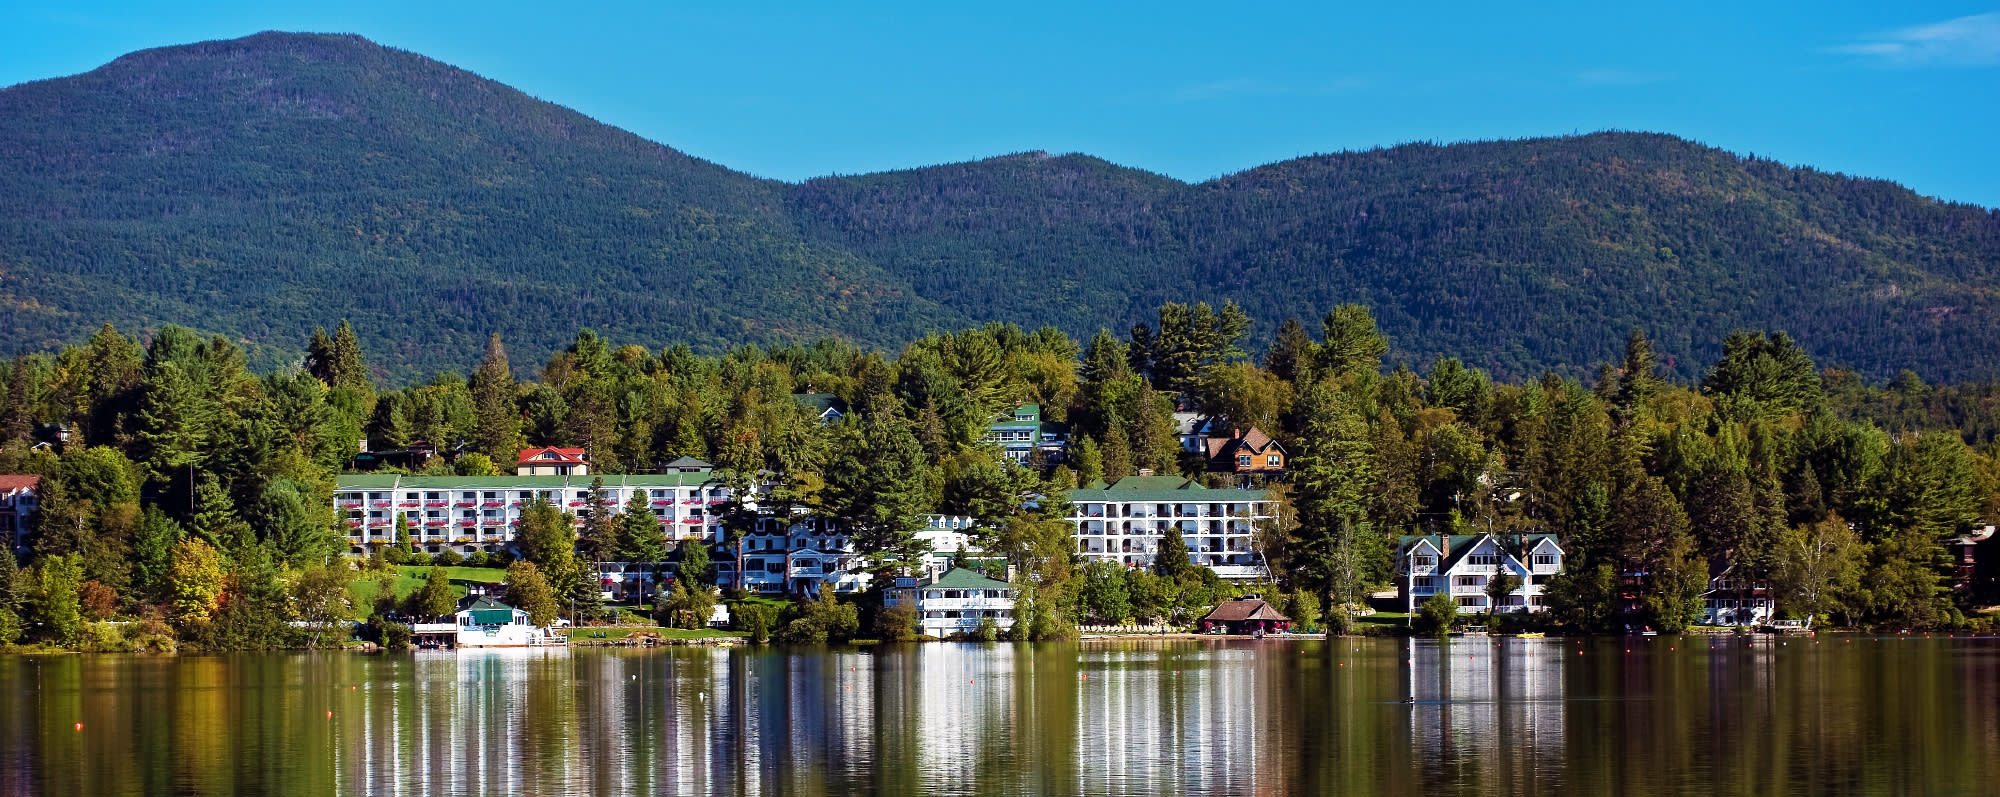 Mirror Lake Inn, Lake Placid - Photo by NYS ESD